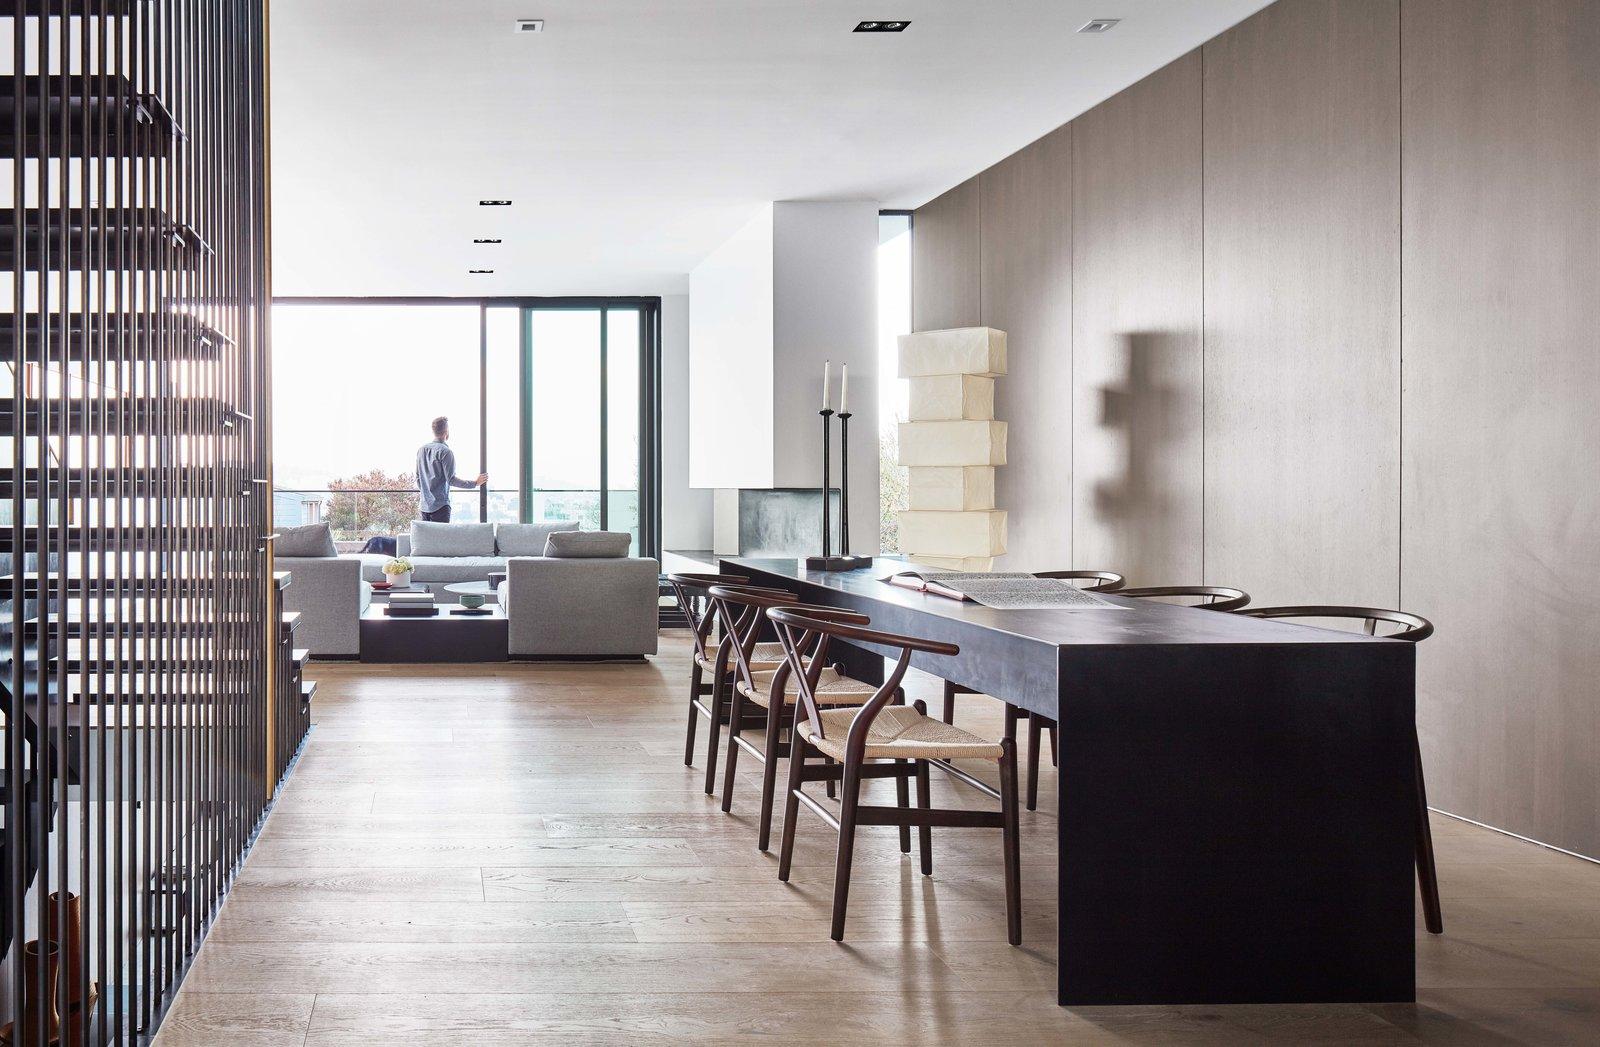 Dining Room  MAK Studio Noe Valley Residence